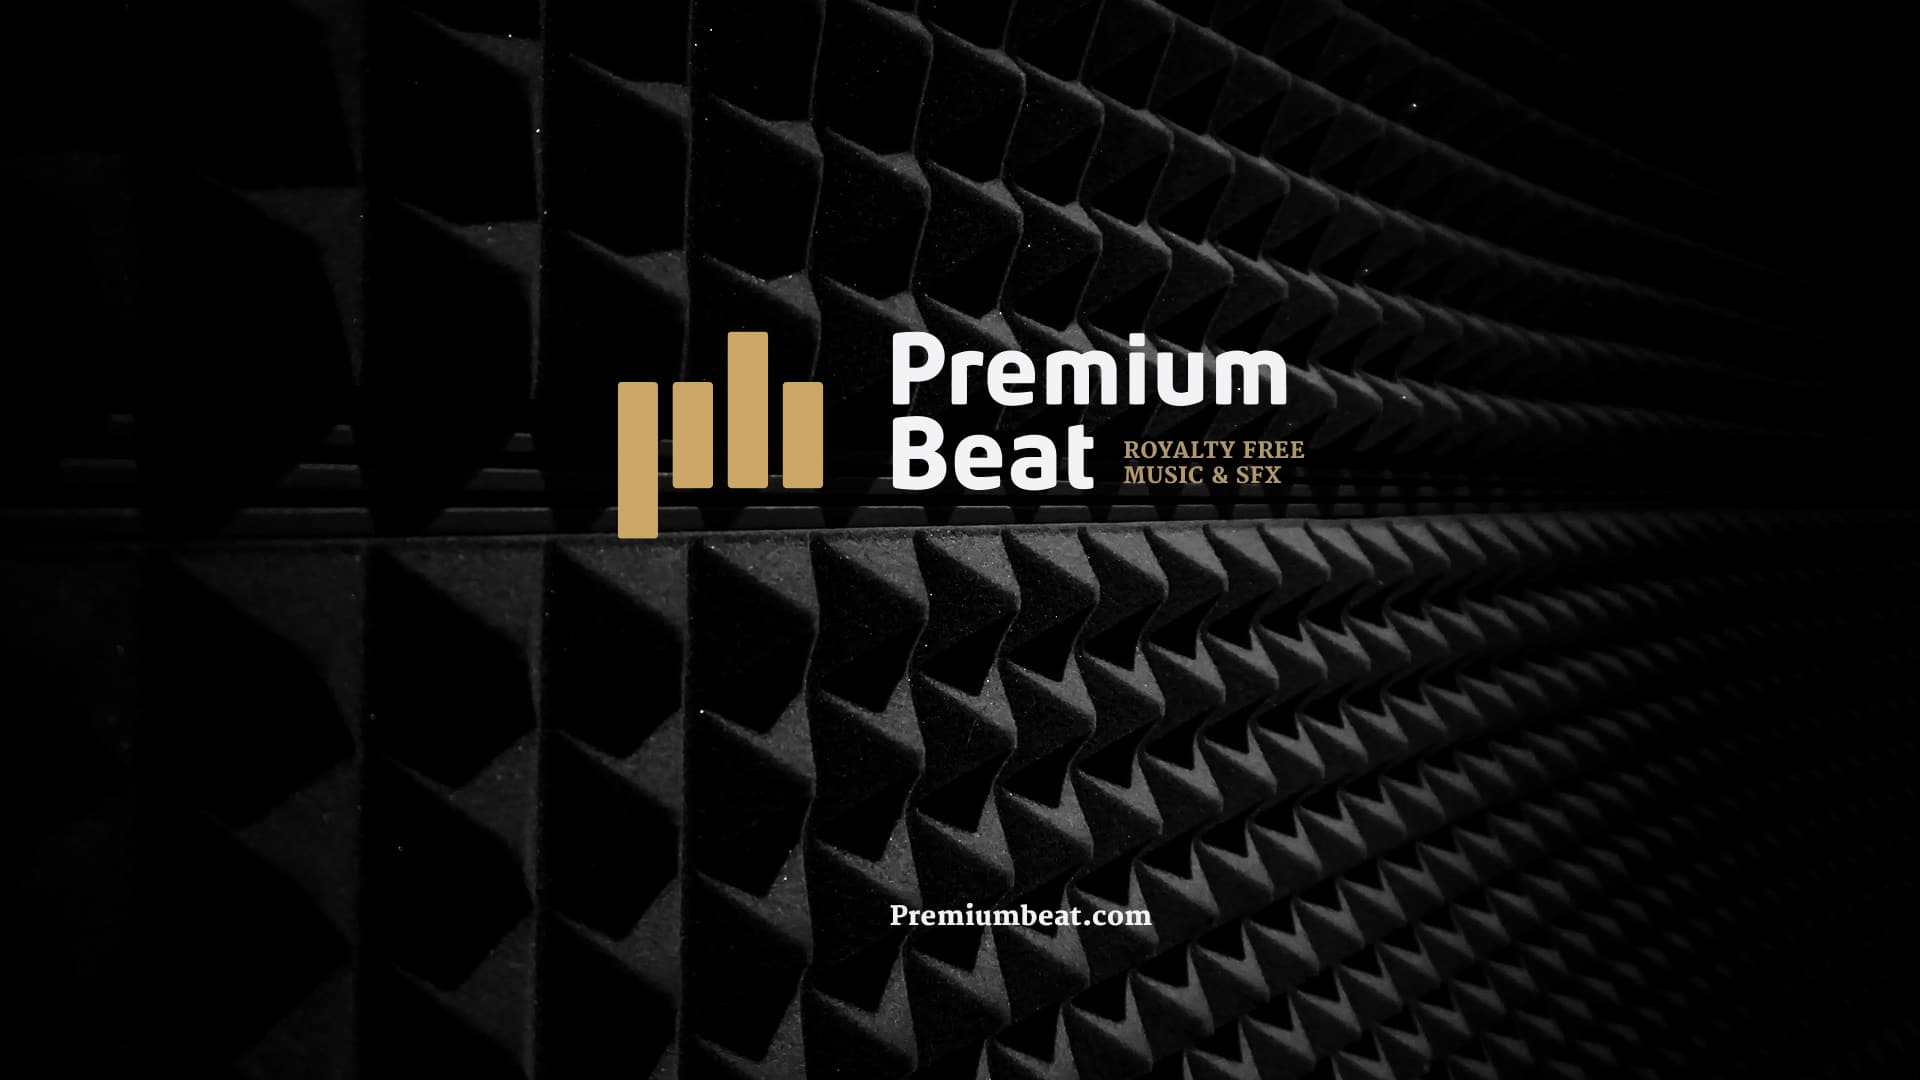 Premium Beat